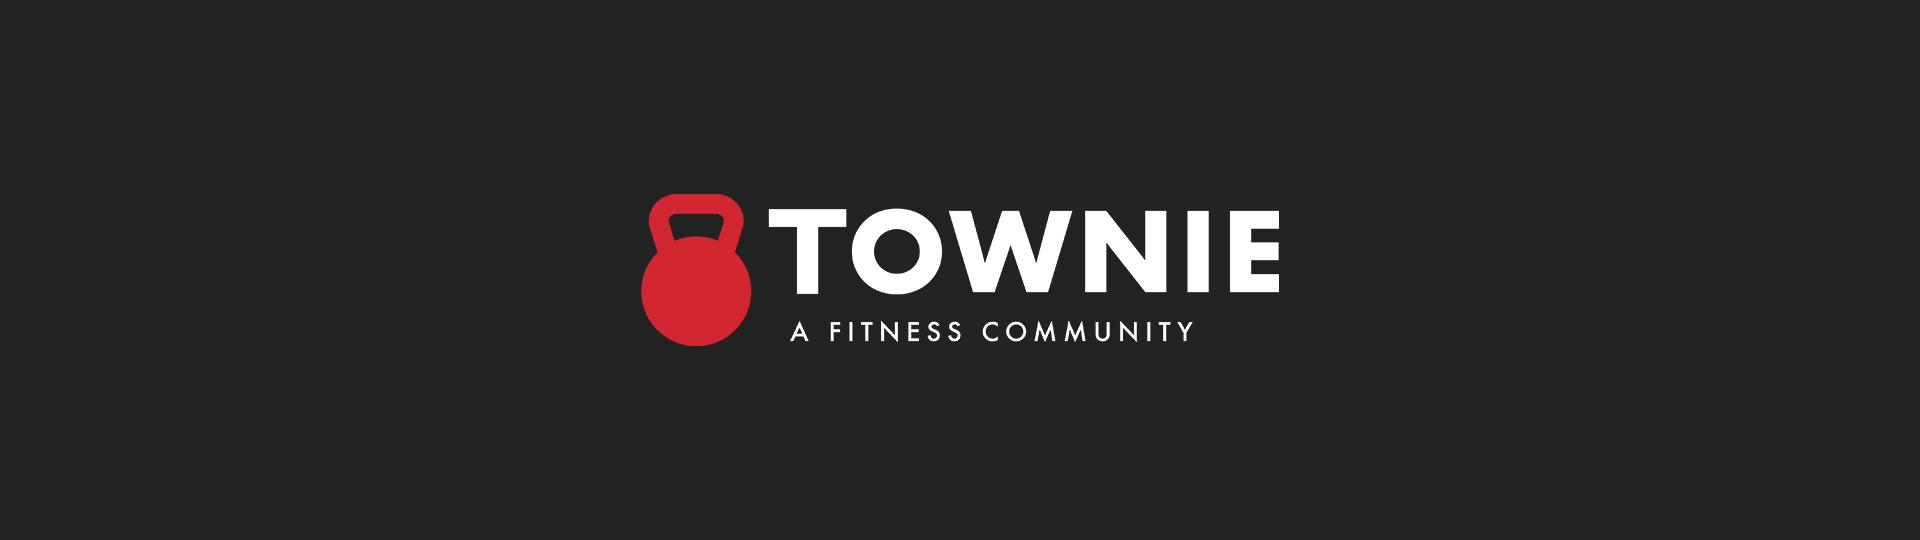 townie-image_website.jpg